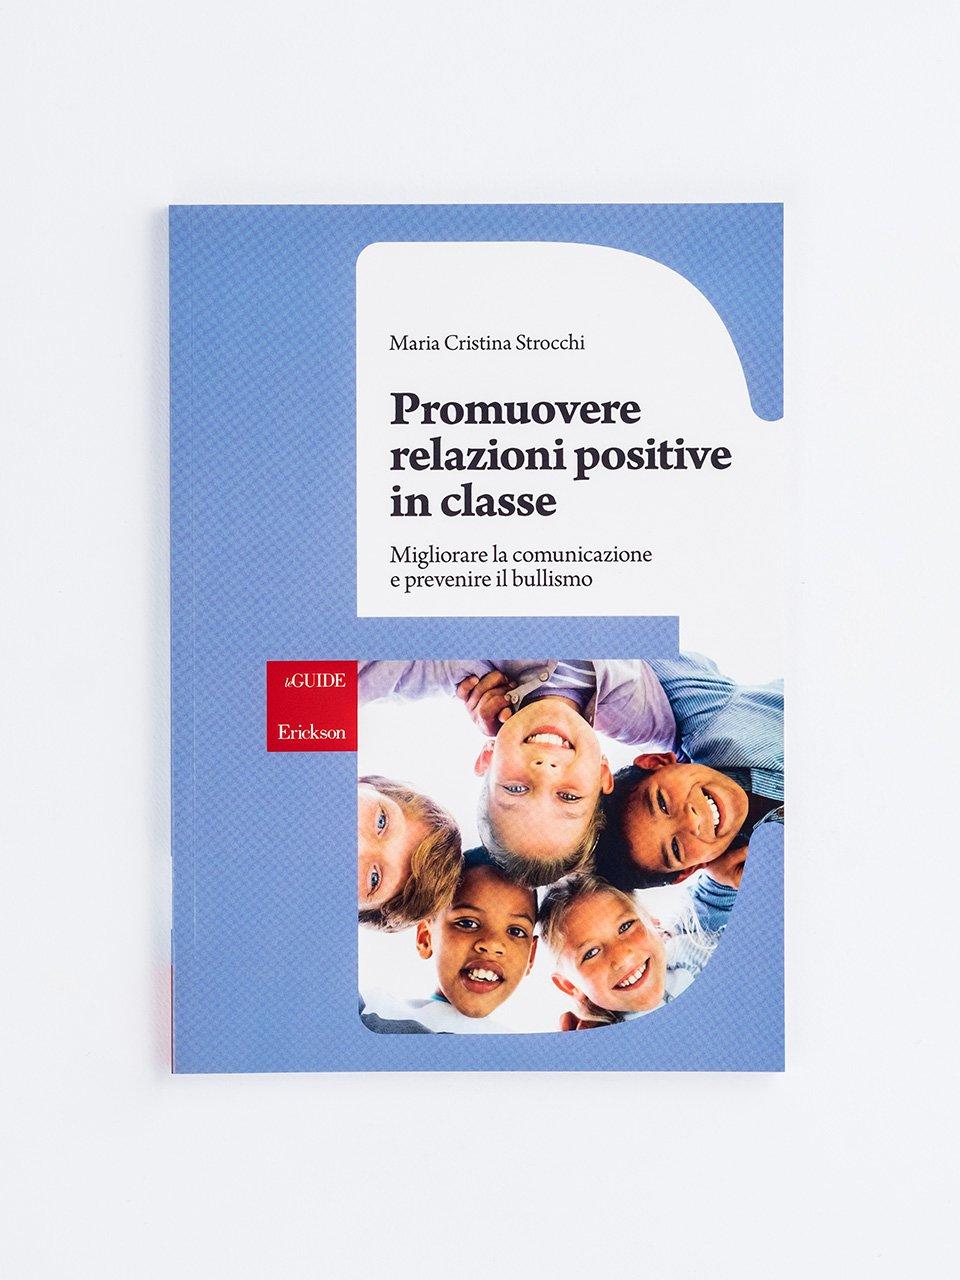 Promuovere relazioni positive in classe - ADHD: strumenti e strategie per la gestione in cla - Libri - Erickson